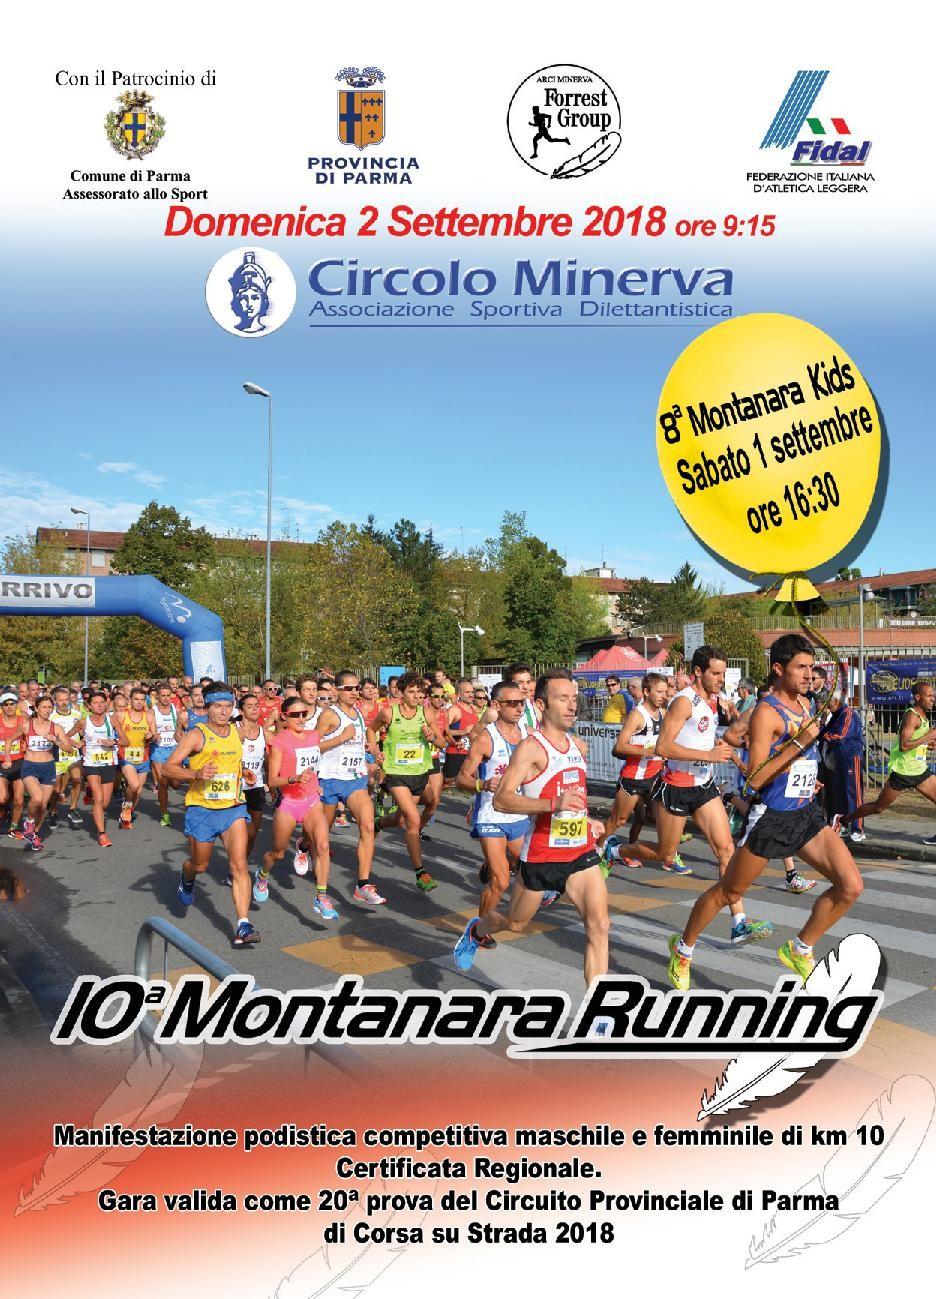 Montanara running